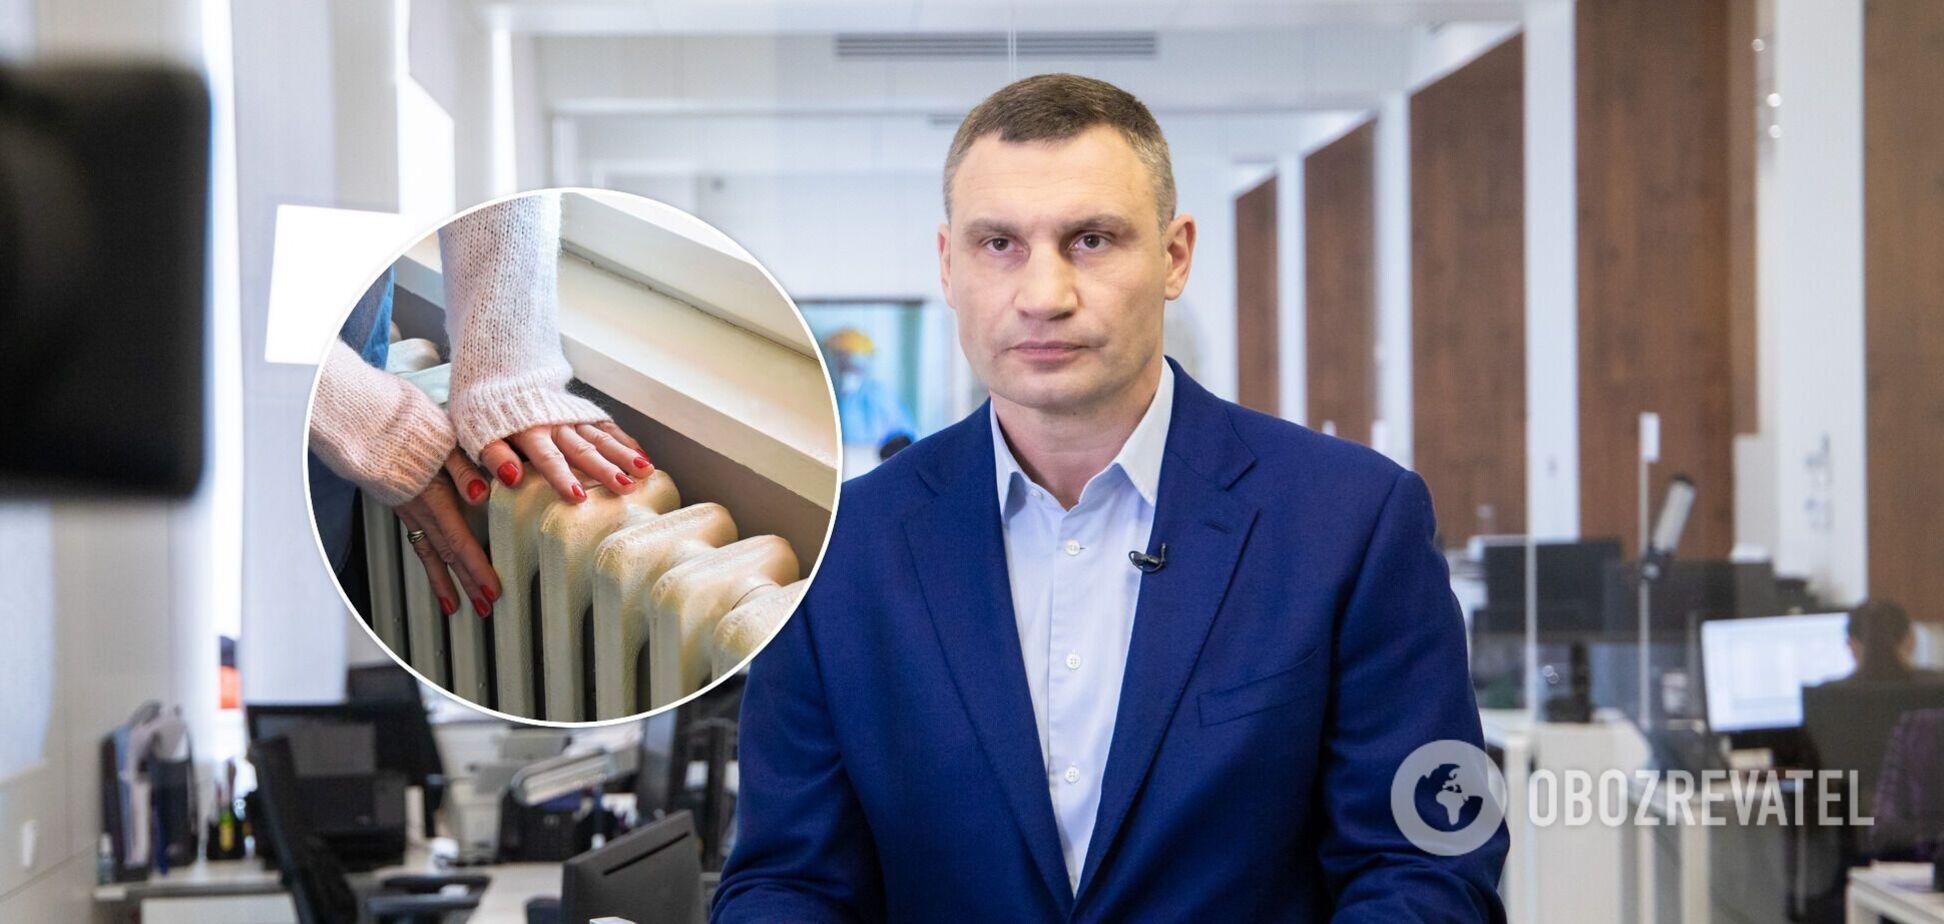 Киев готов к отопительному сезону, но цены на газ делают ситуацию близкой к критической, – Кличко